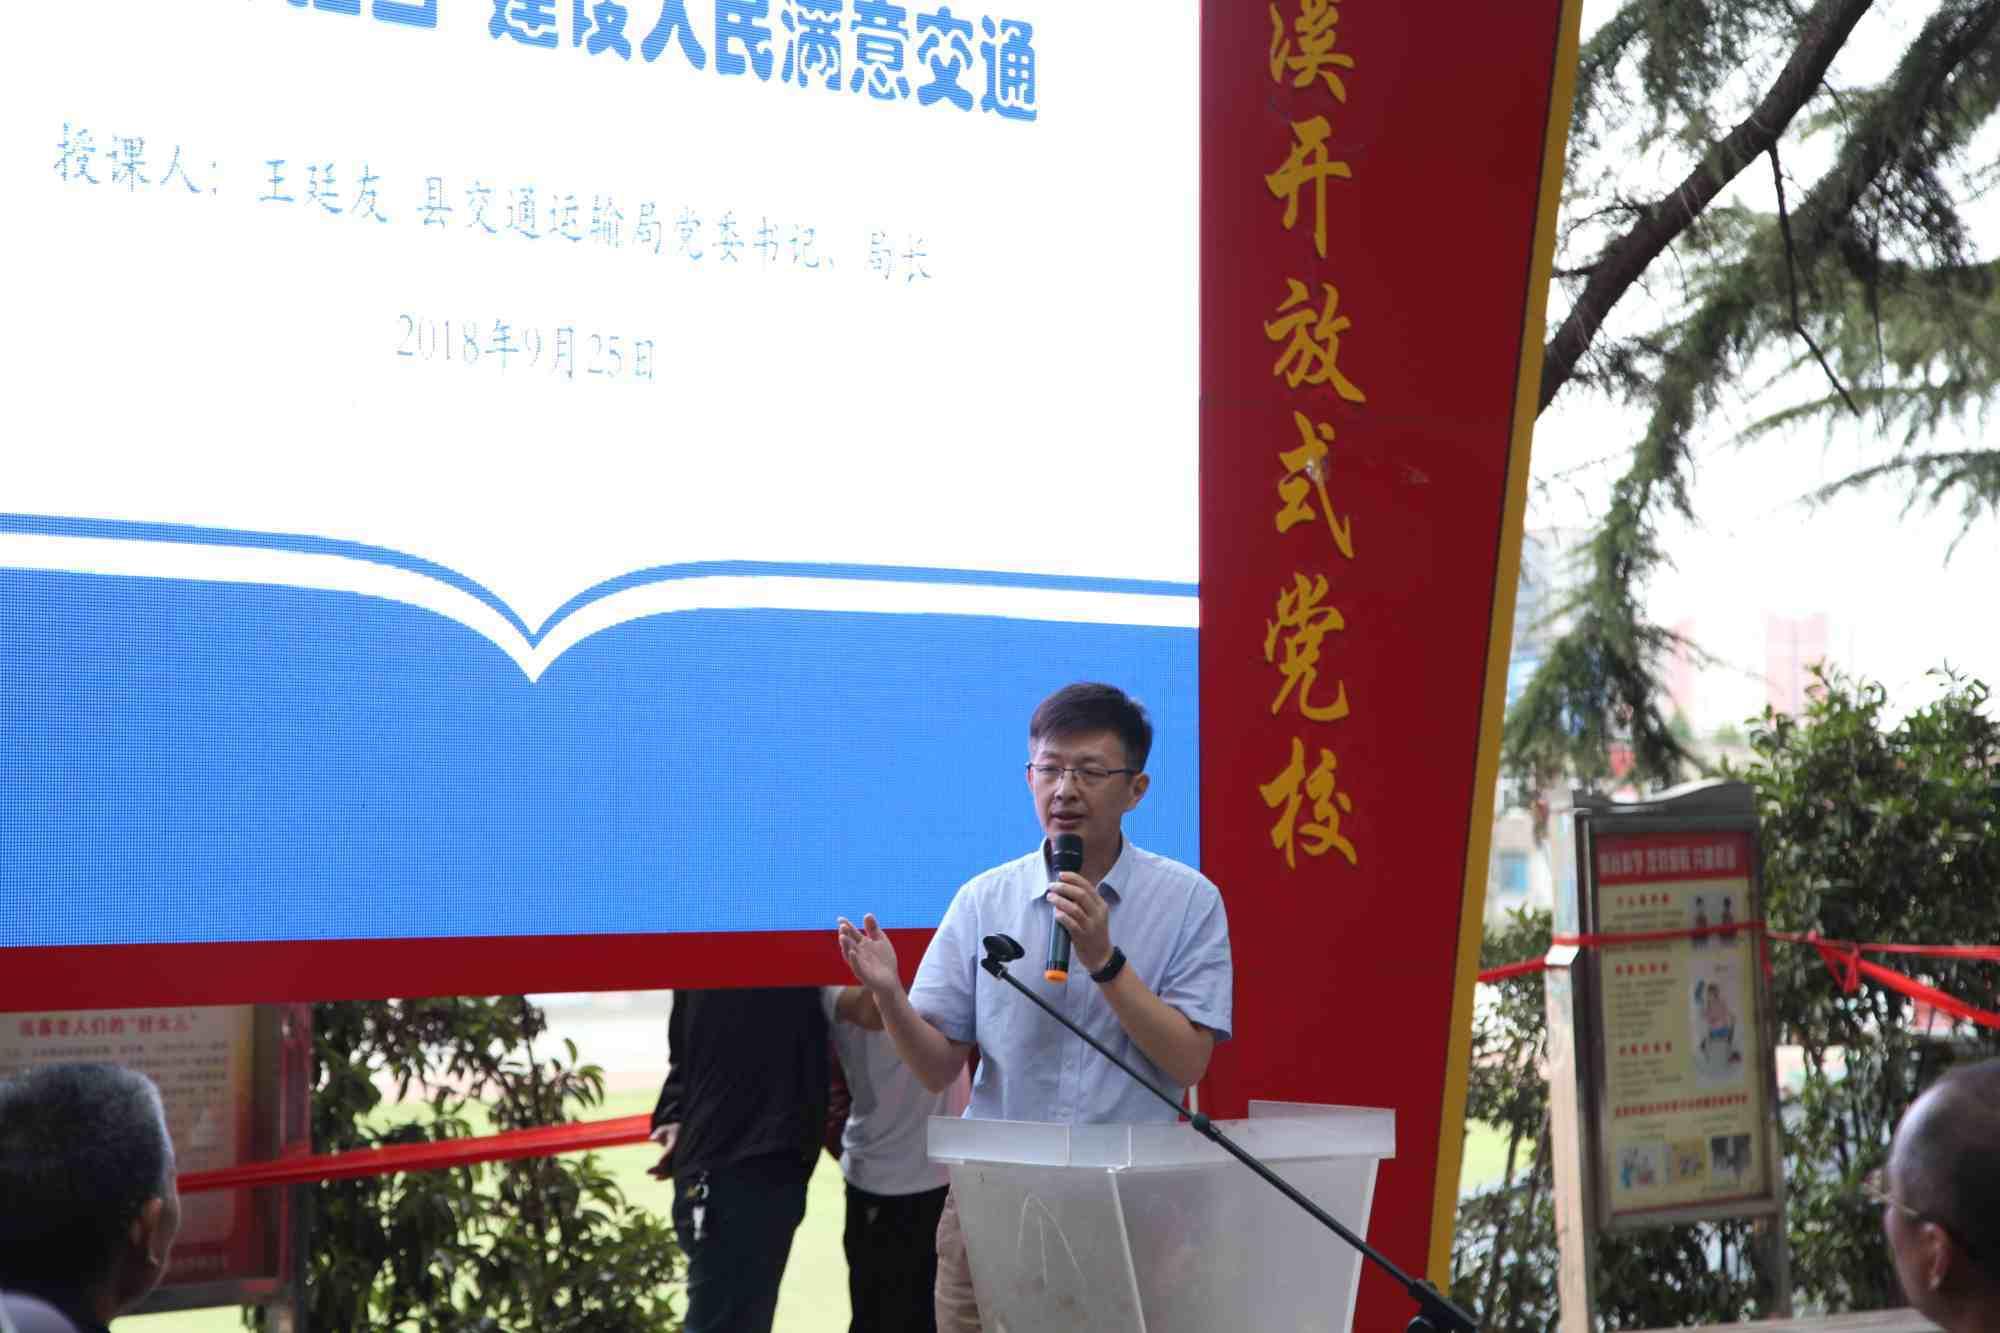 安徽省濉溪县交通运输局举办开放式党课